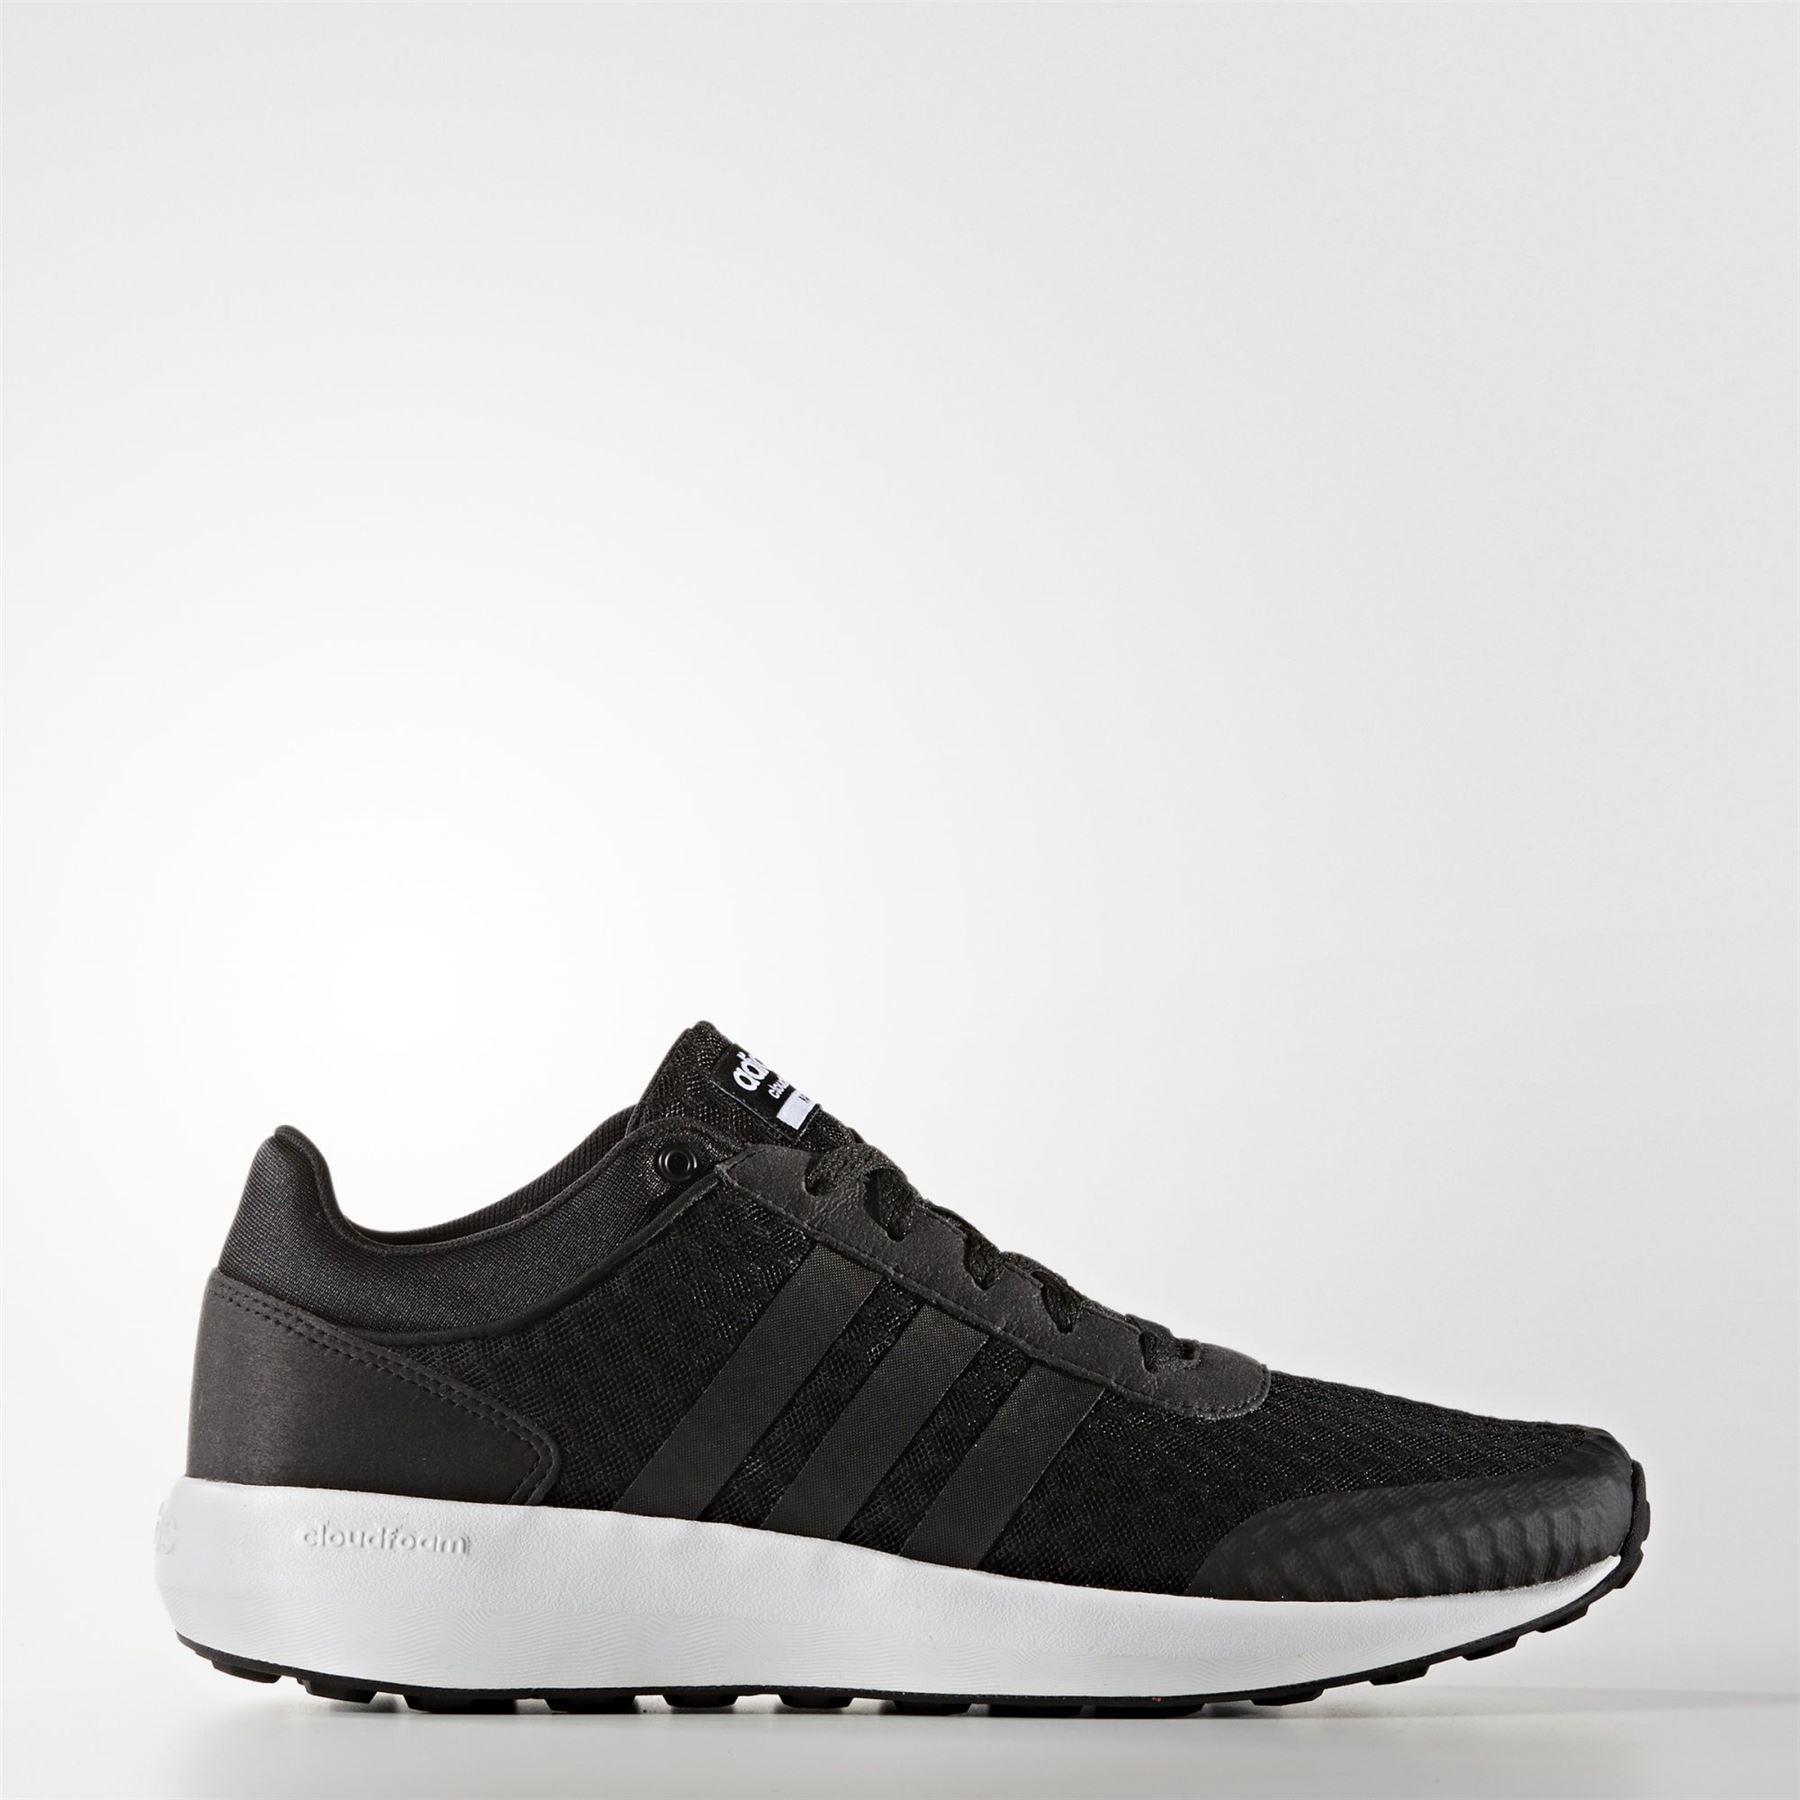 adidas cloudfoam race zwart